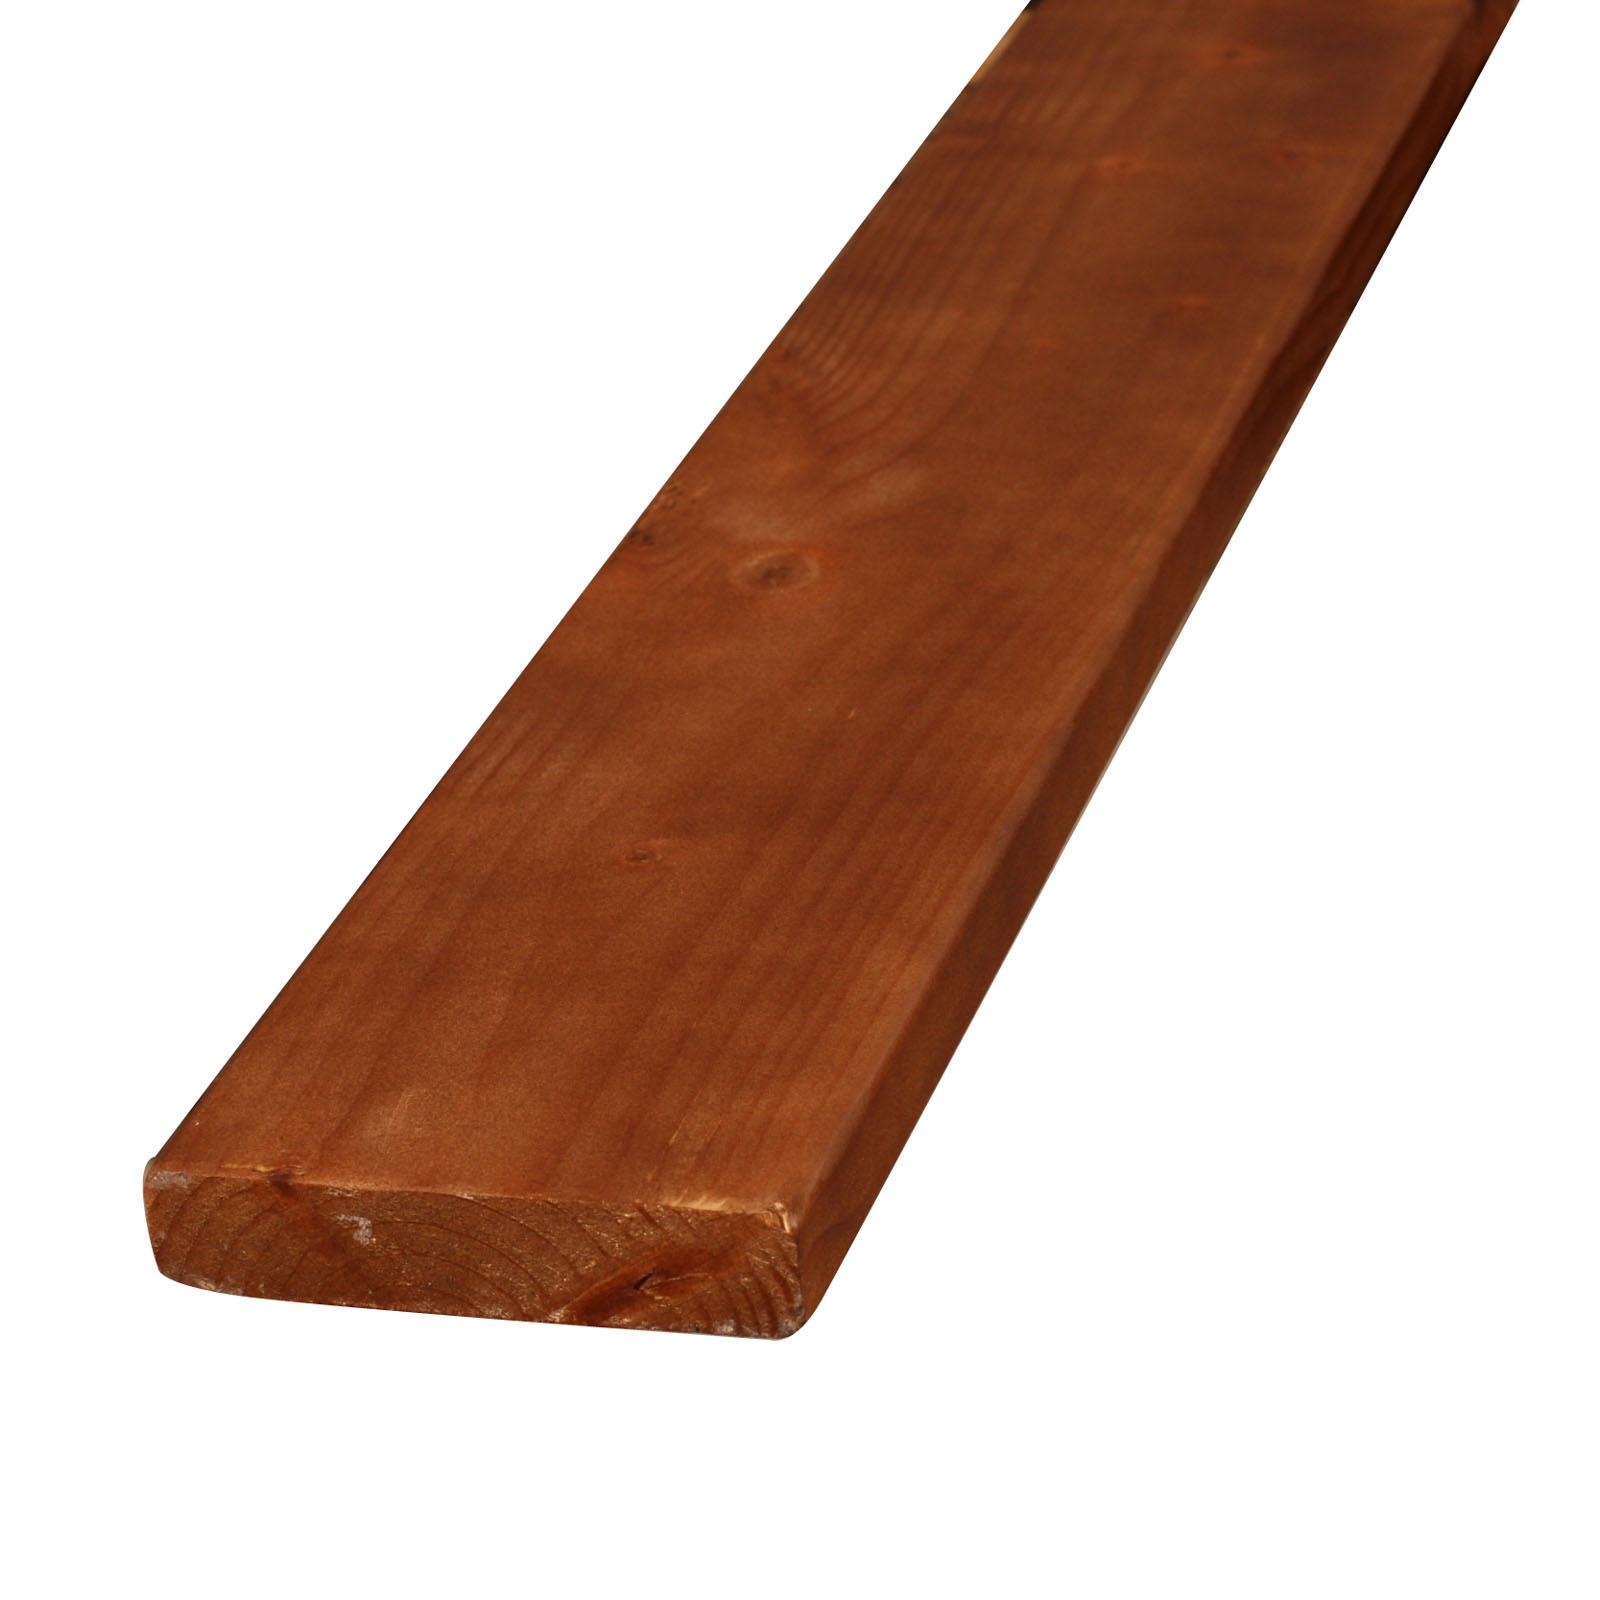 27-002 スプルース 無垢板材 塗装済(ブラウン)株式会社アジアトレーディング(群馬県前橋市)